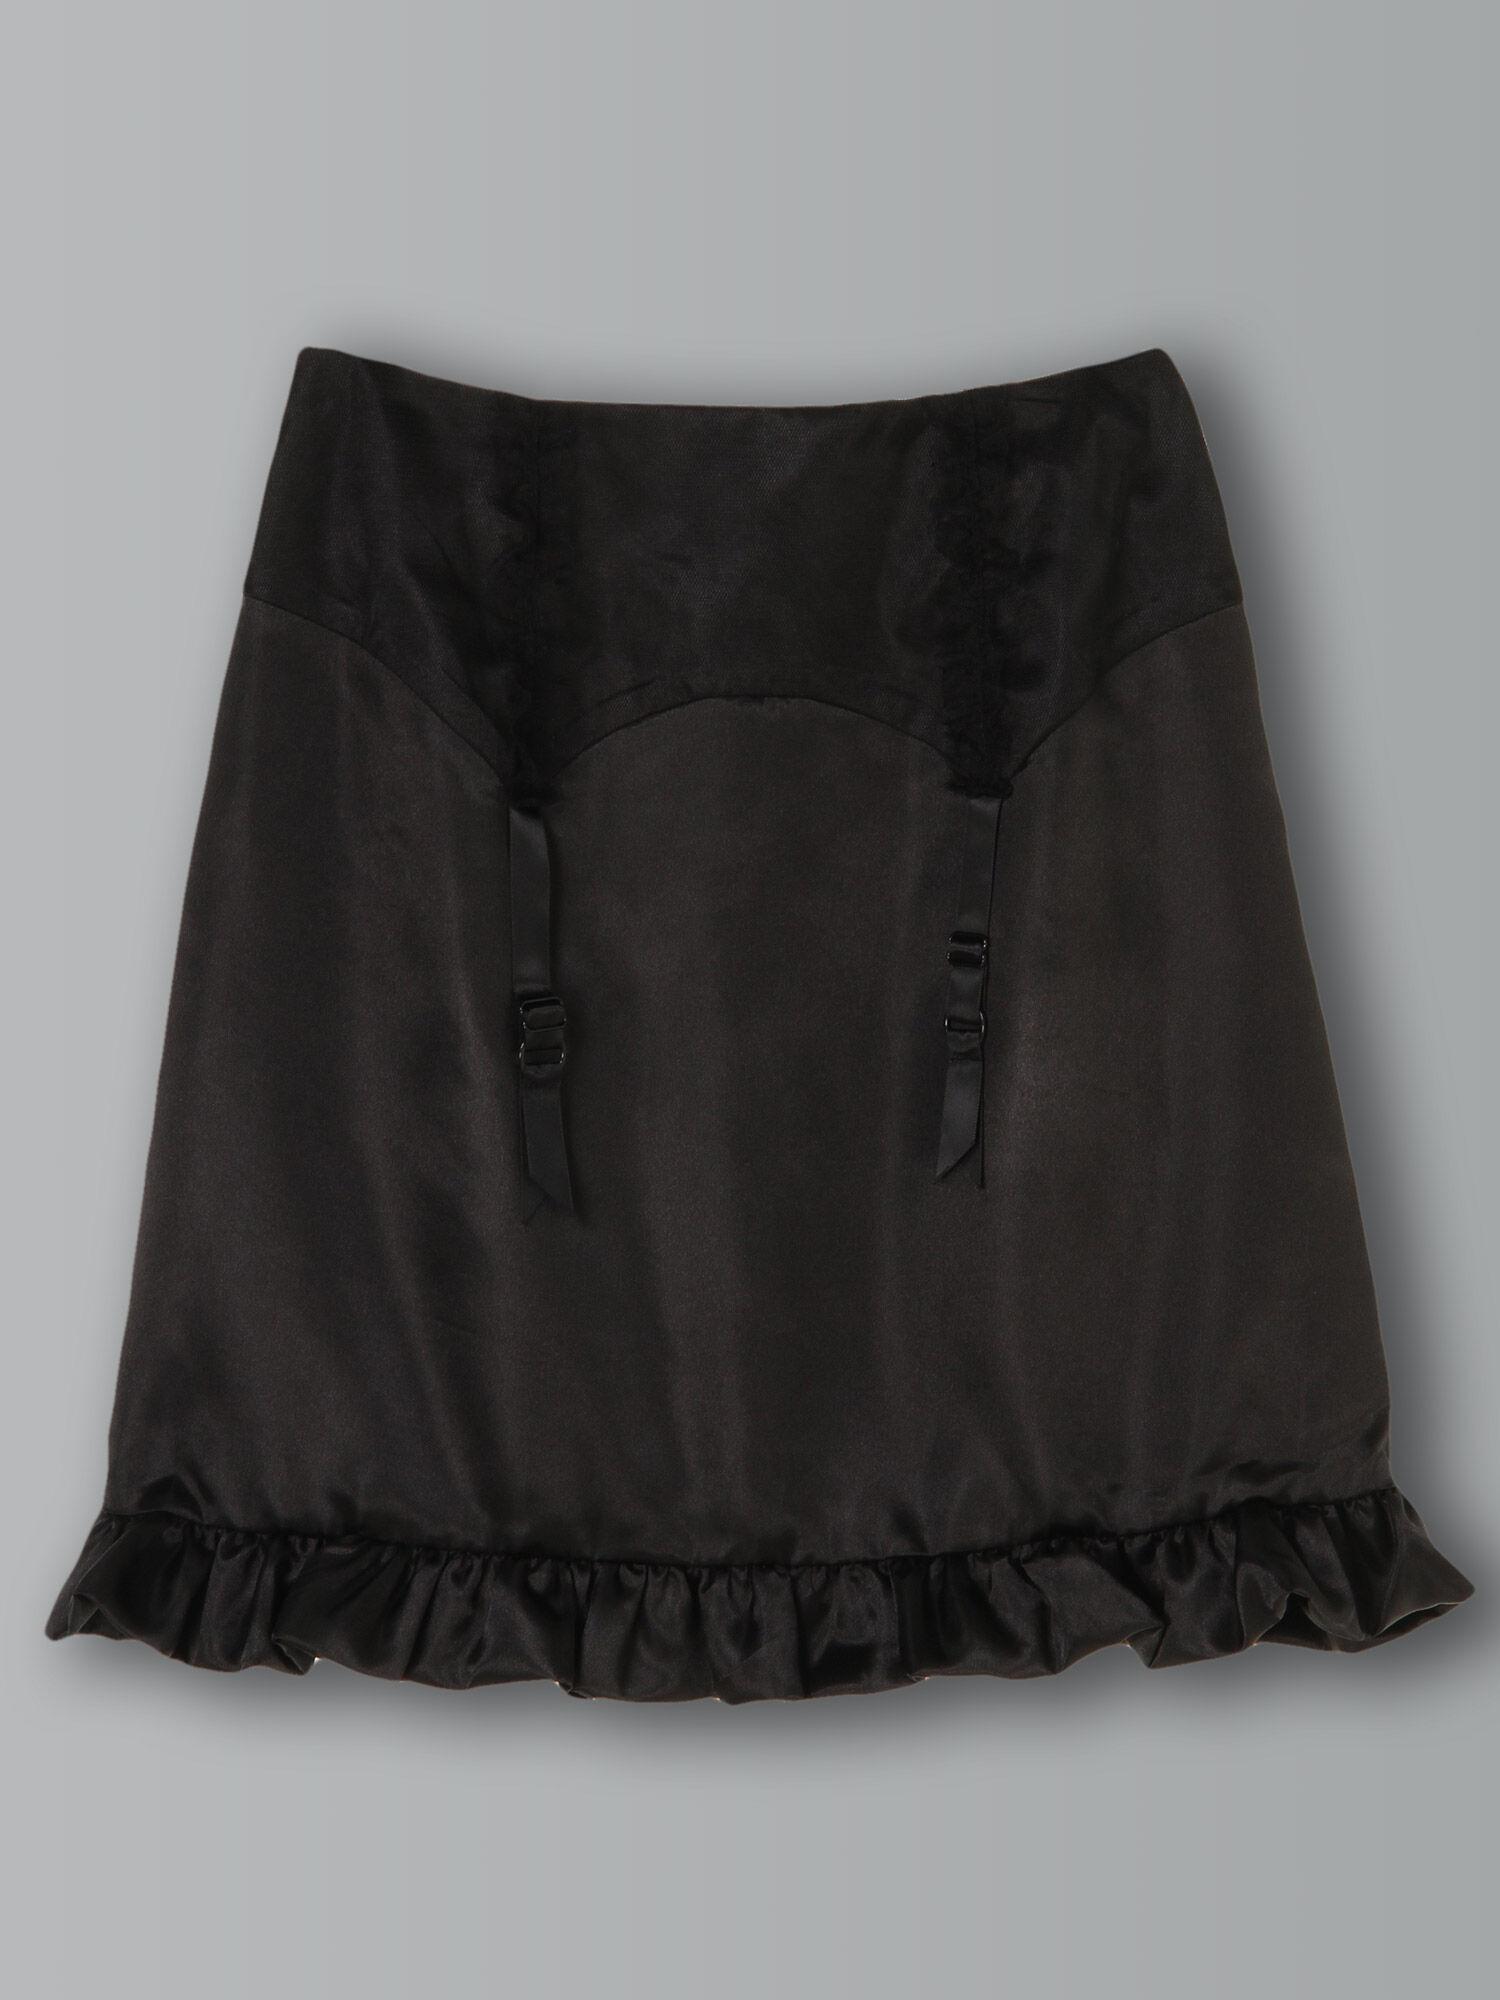 ガーターぺプラムサテンスカート